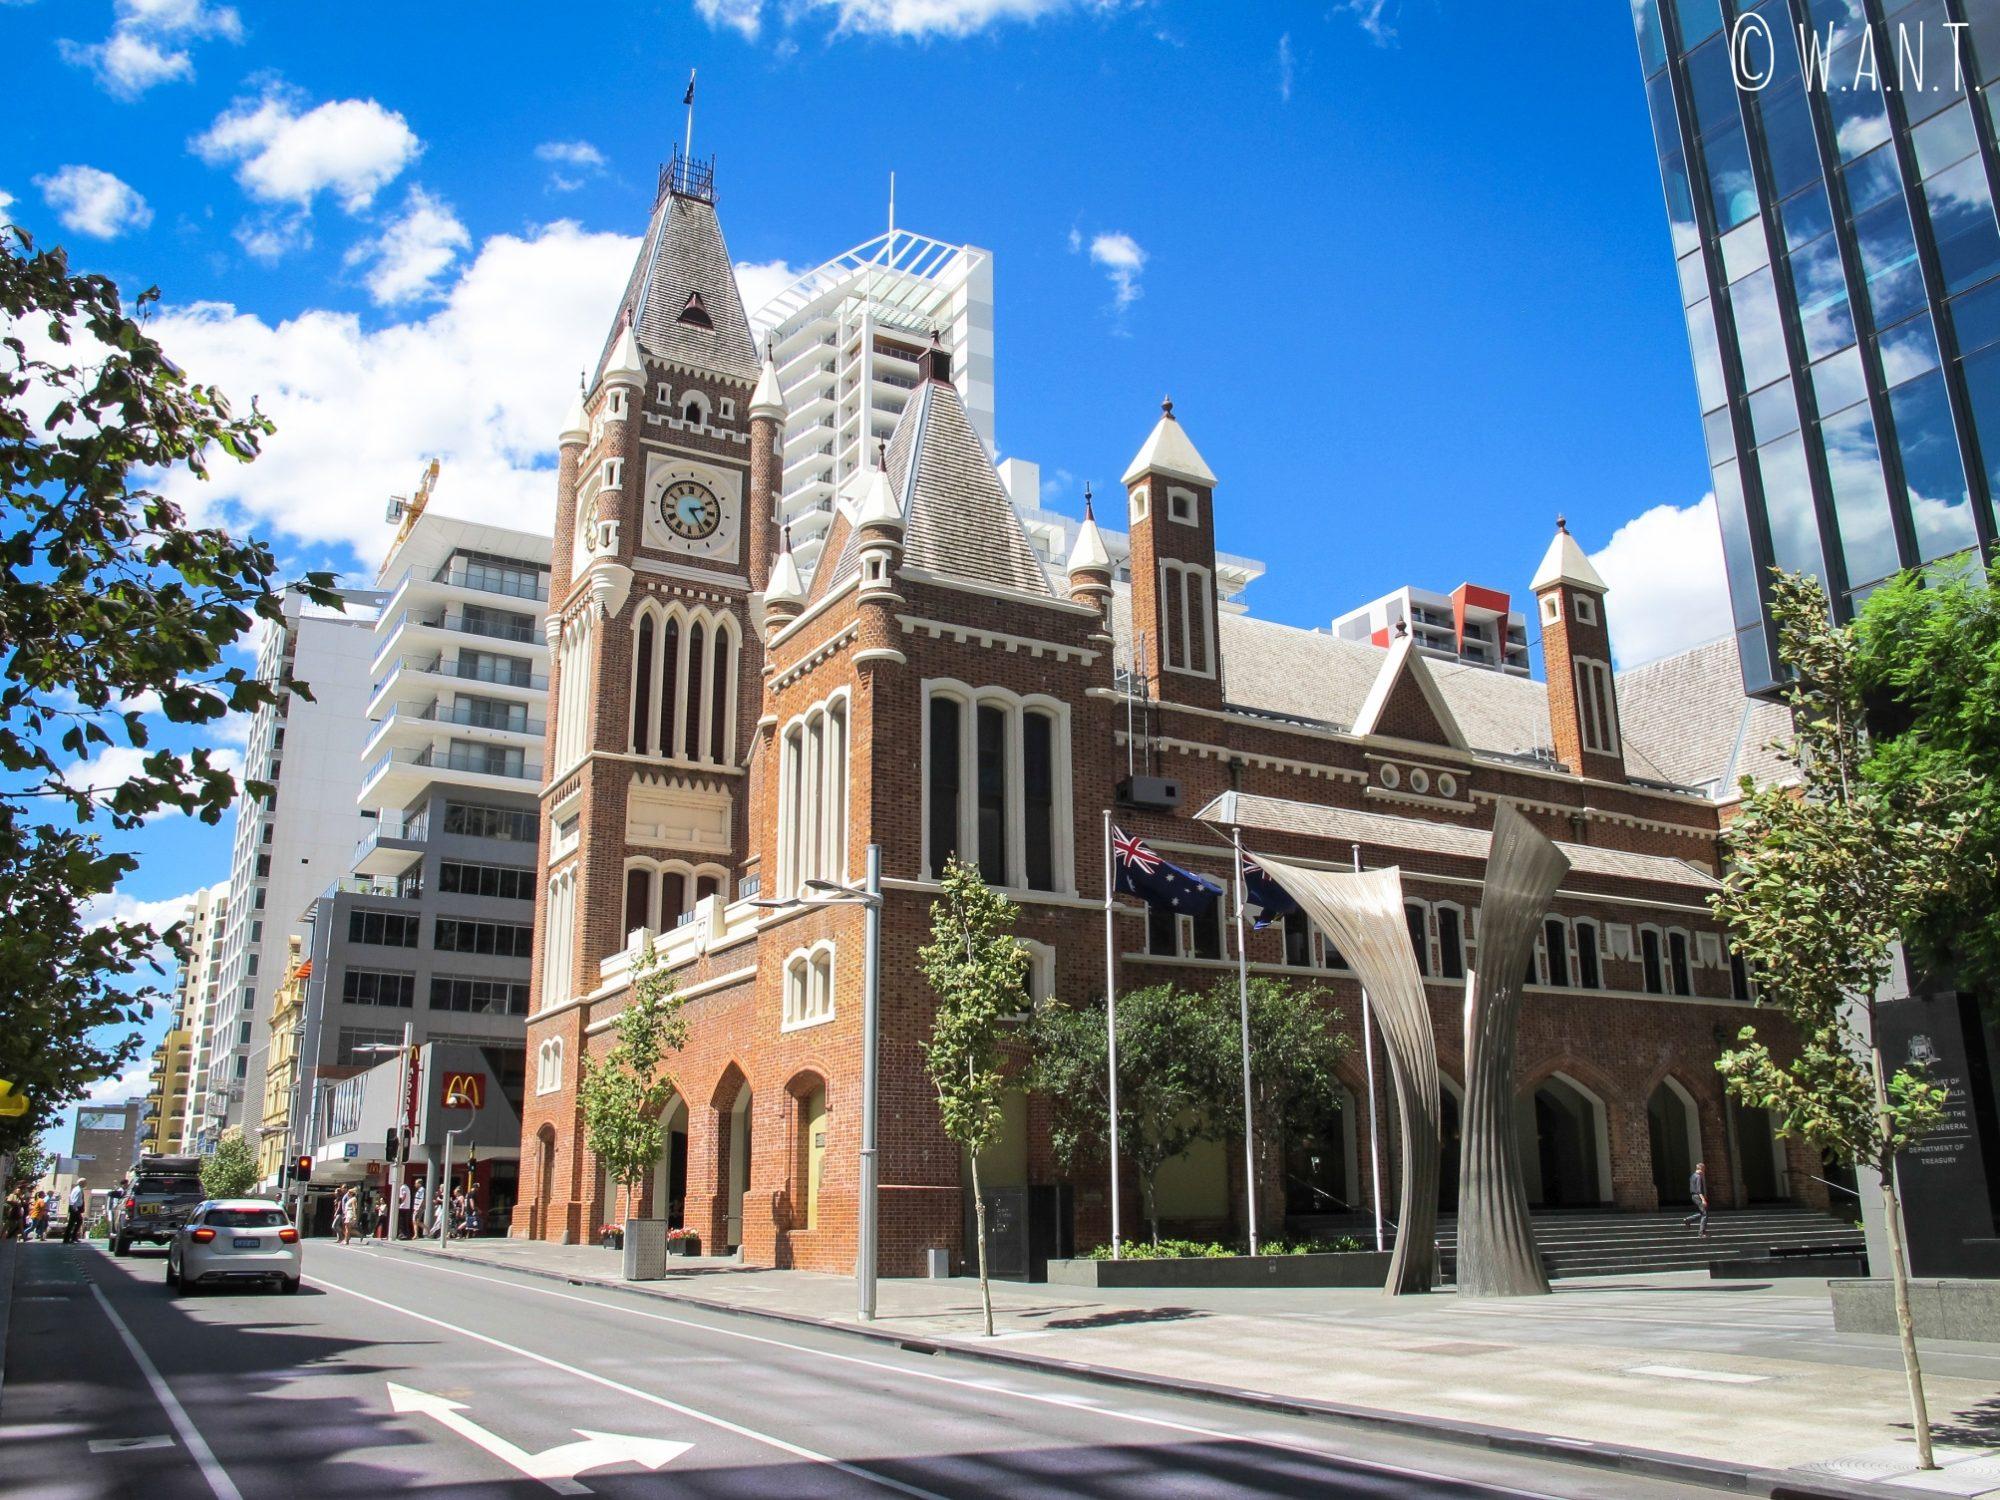 L'Hôtel de ville de Perth, situé sur Barrack Street